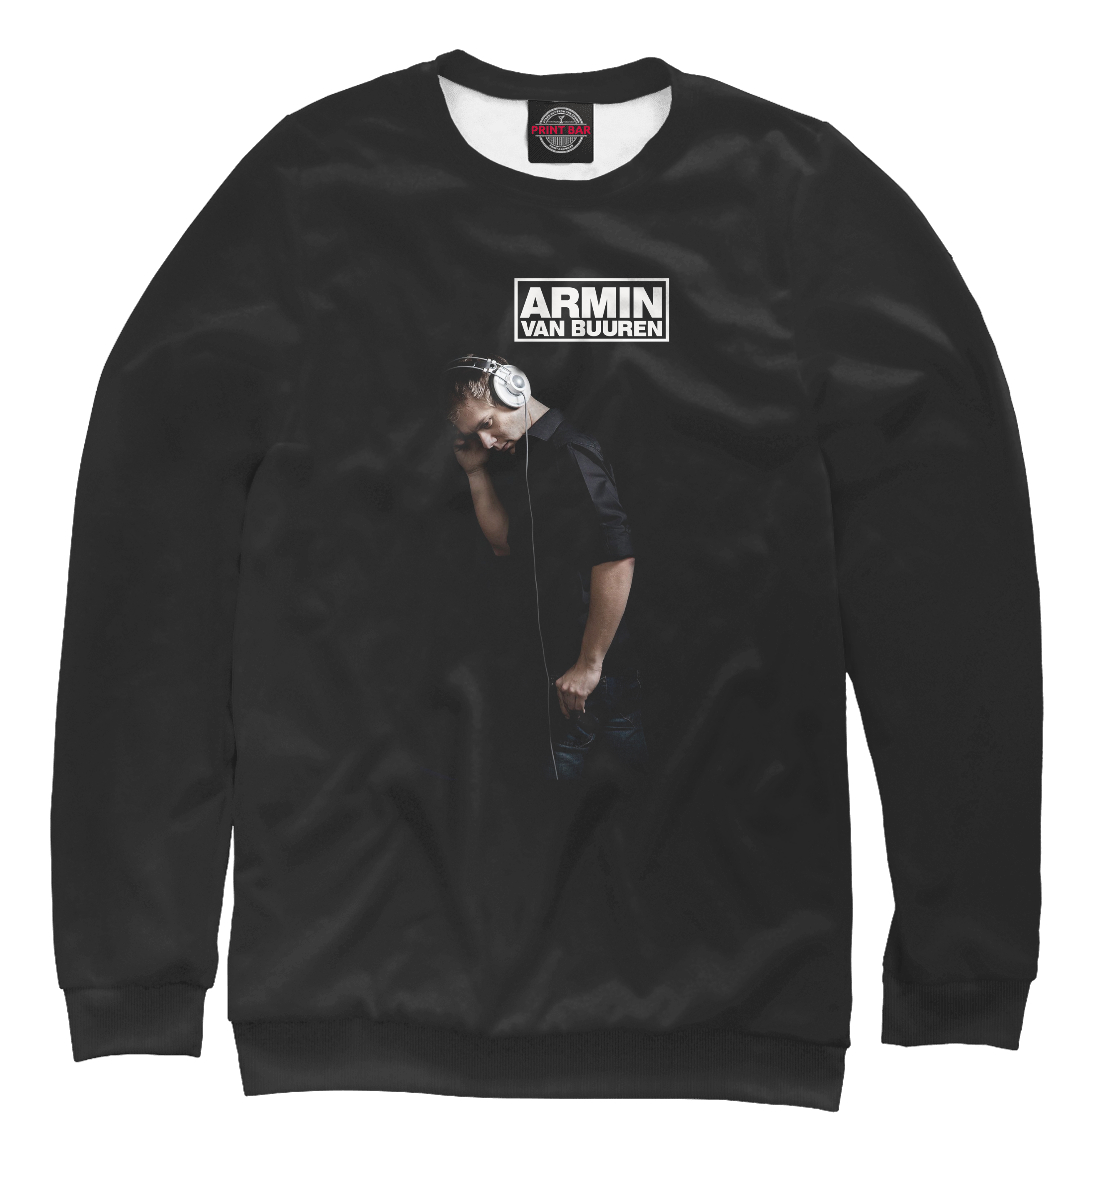 Купить Armin van Buuren, Printbar, Свитшоты, AVB-751391-swi-2